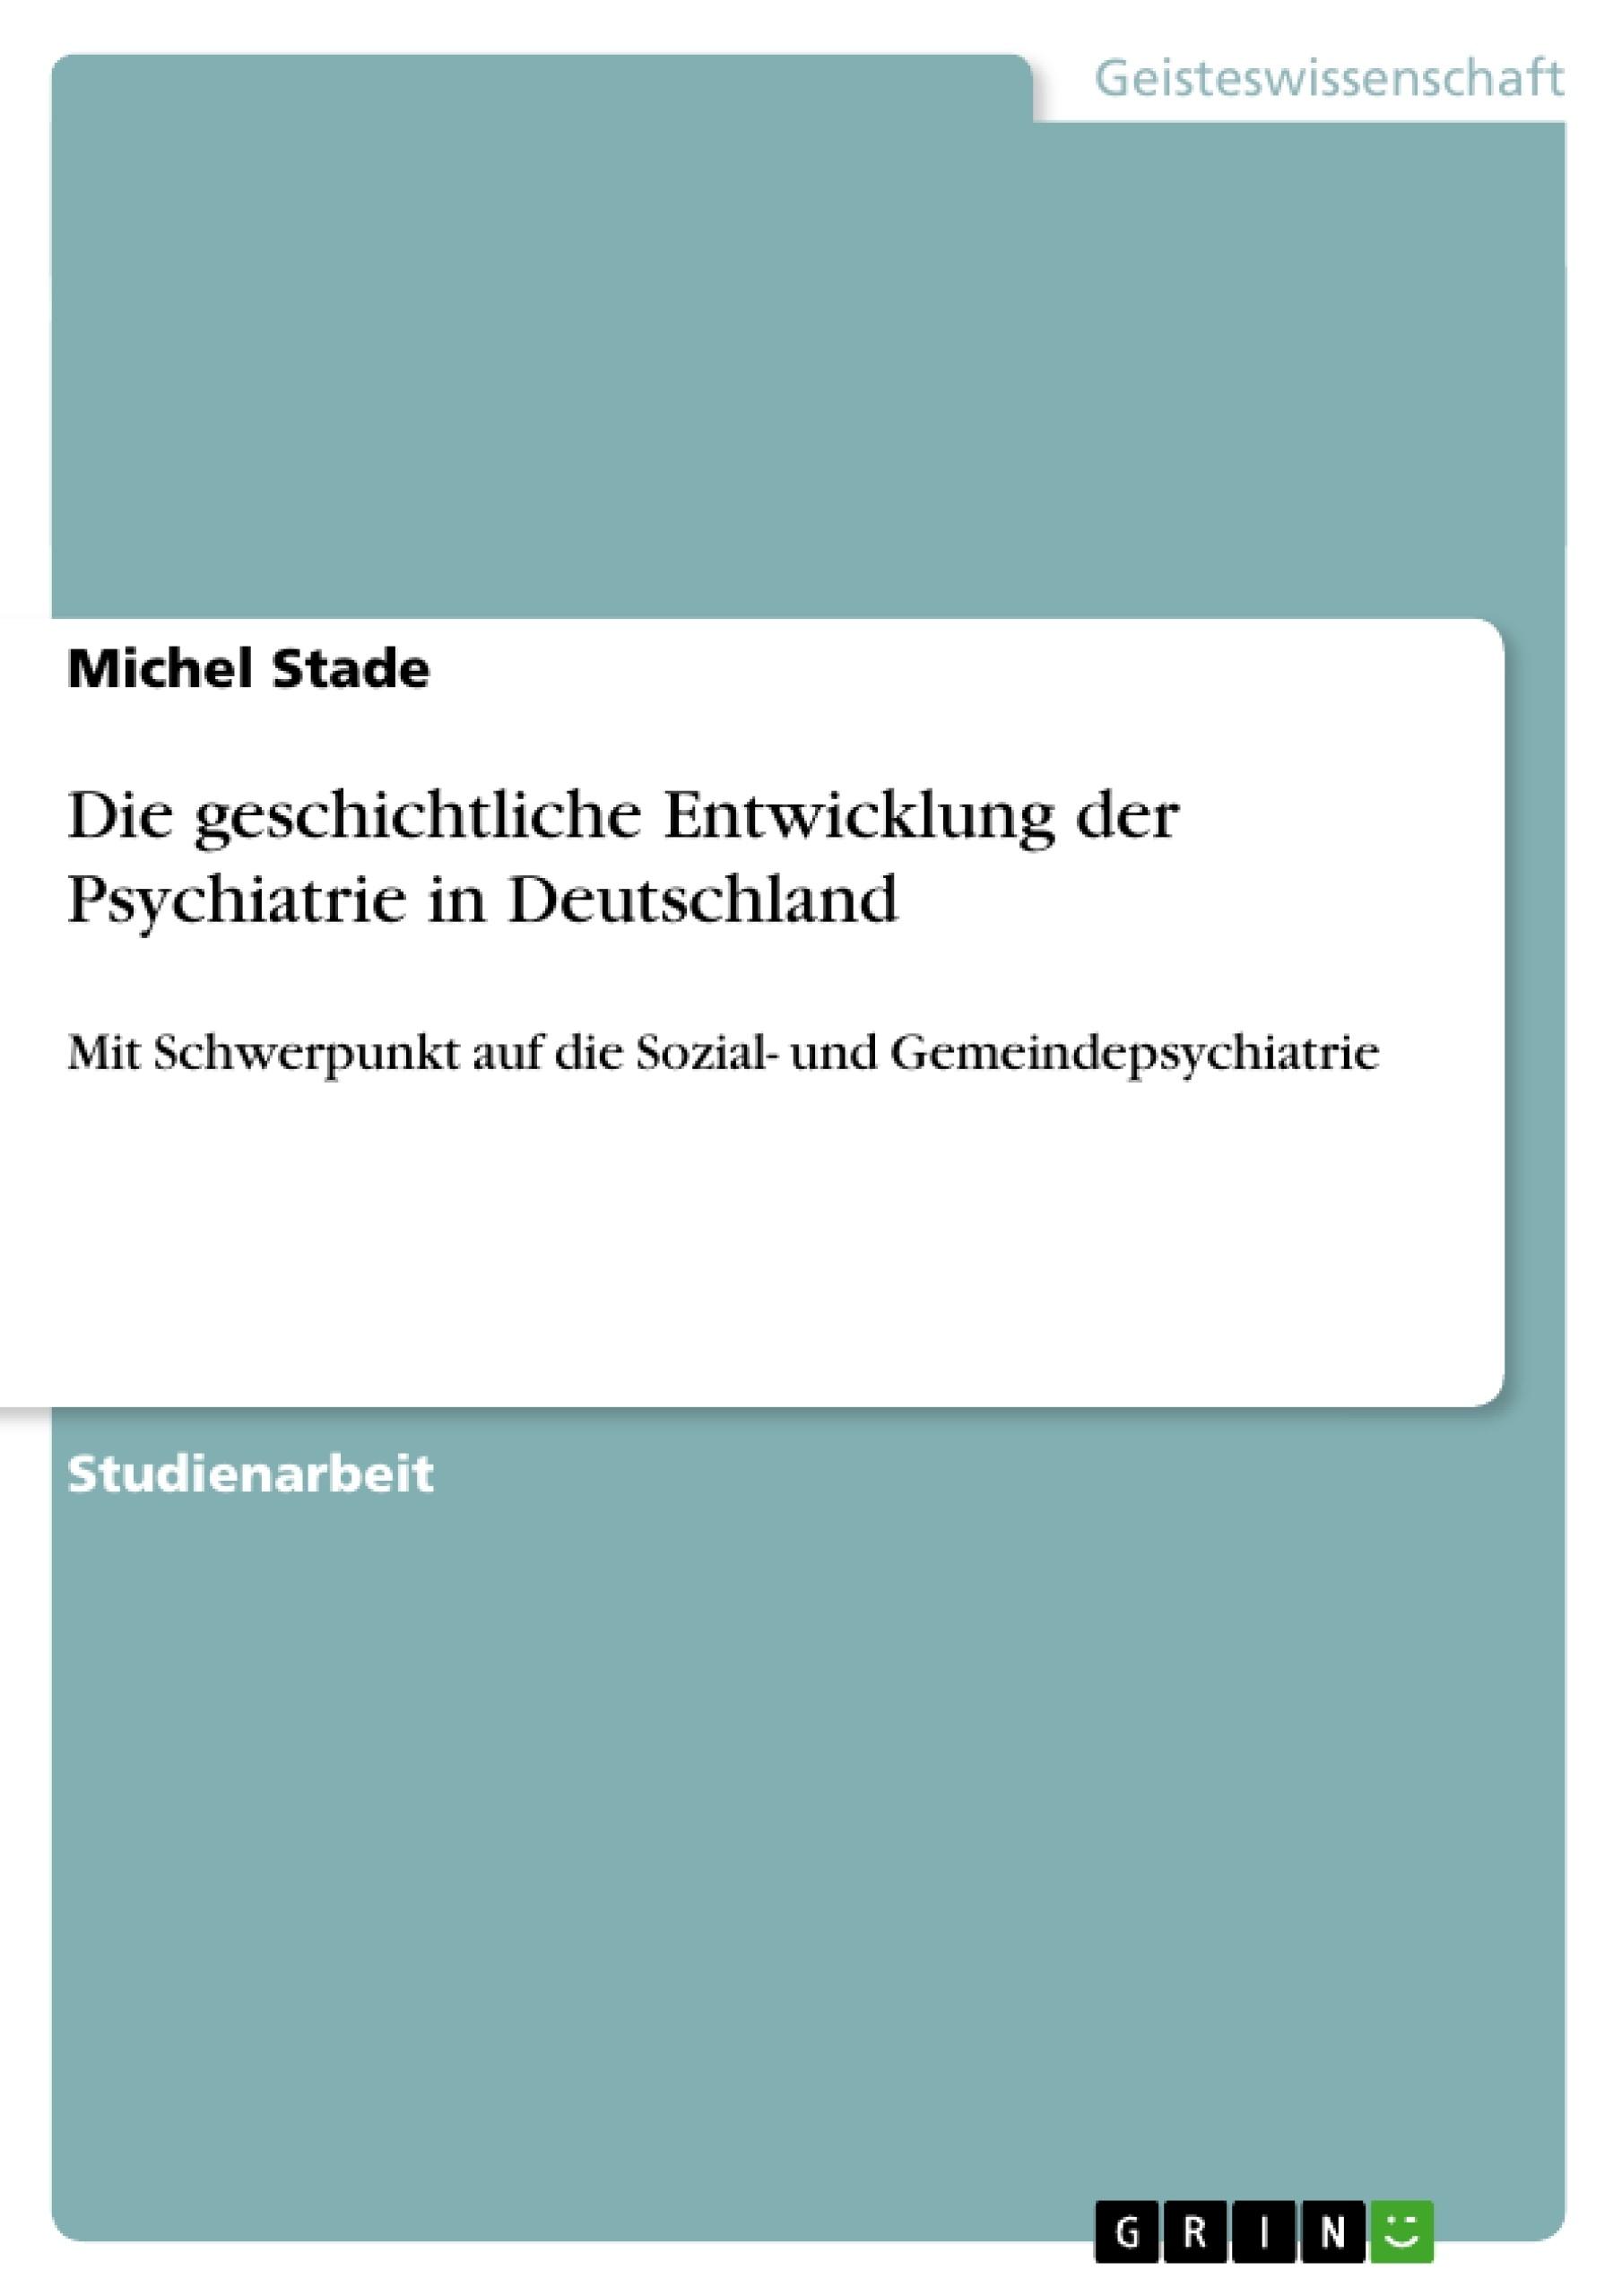 Titel: Die geschichtliche Entwicklung der Psychiatrie in Deutschland